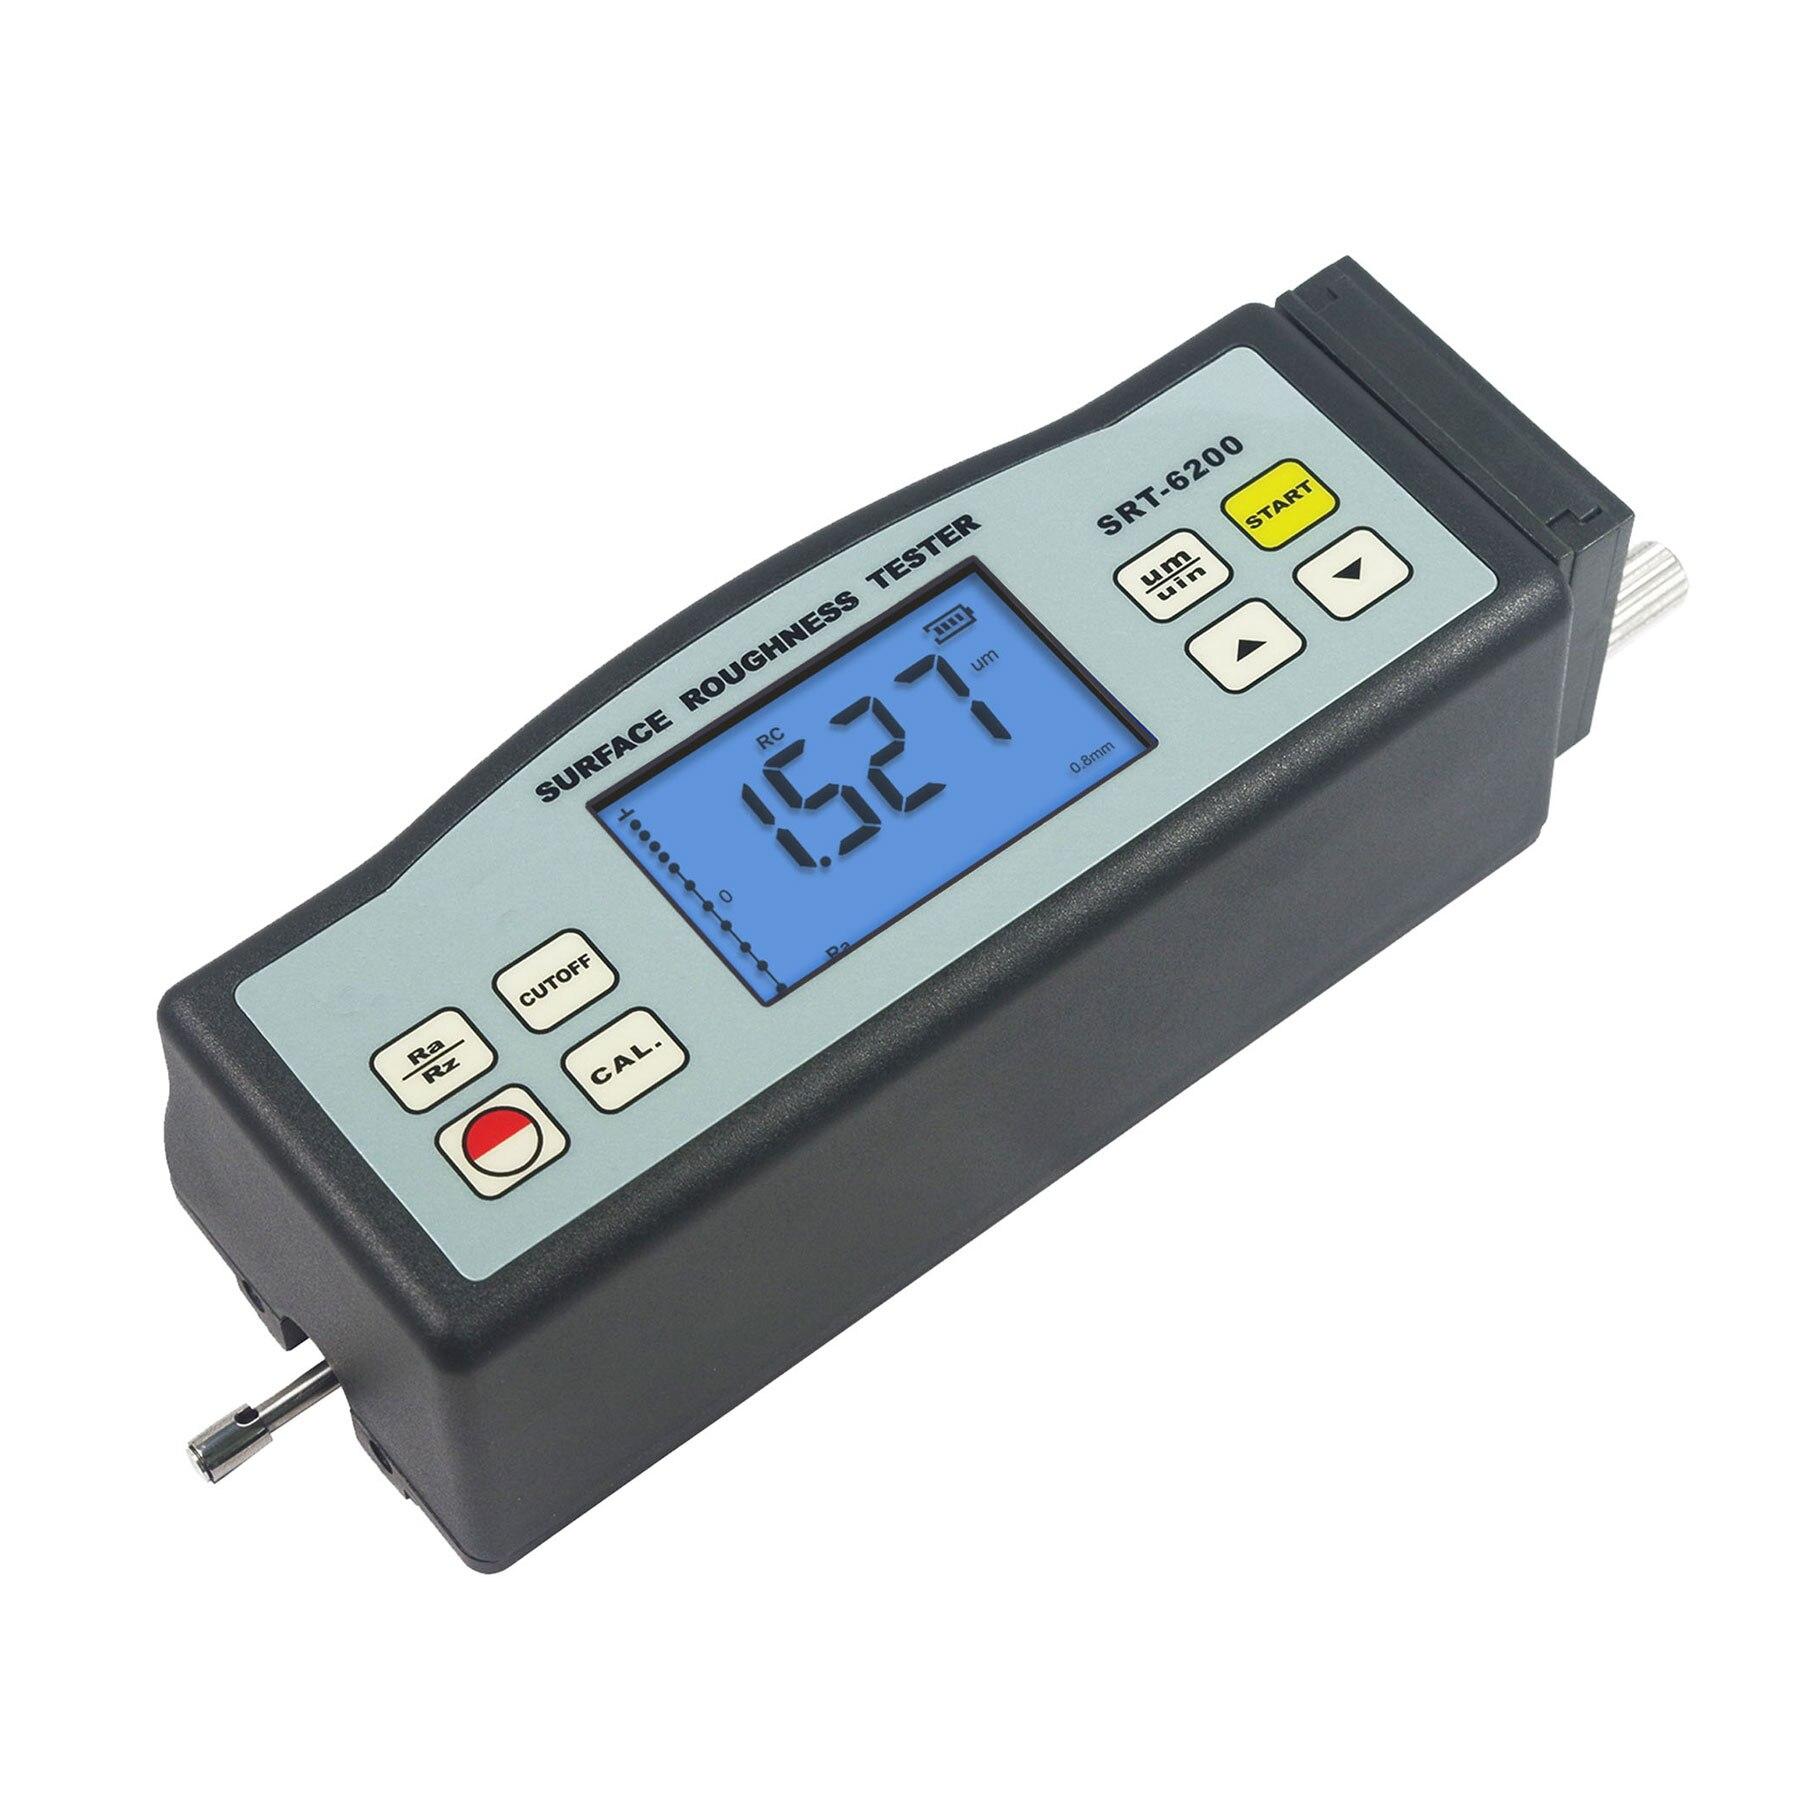 SRT-6200 أداة قياس خشونة الأسطح الرقمية الجديدة المحمولة اختبار خشونة مع جهاز استشعار الحث متطورة للغاية